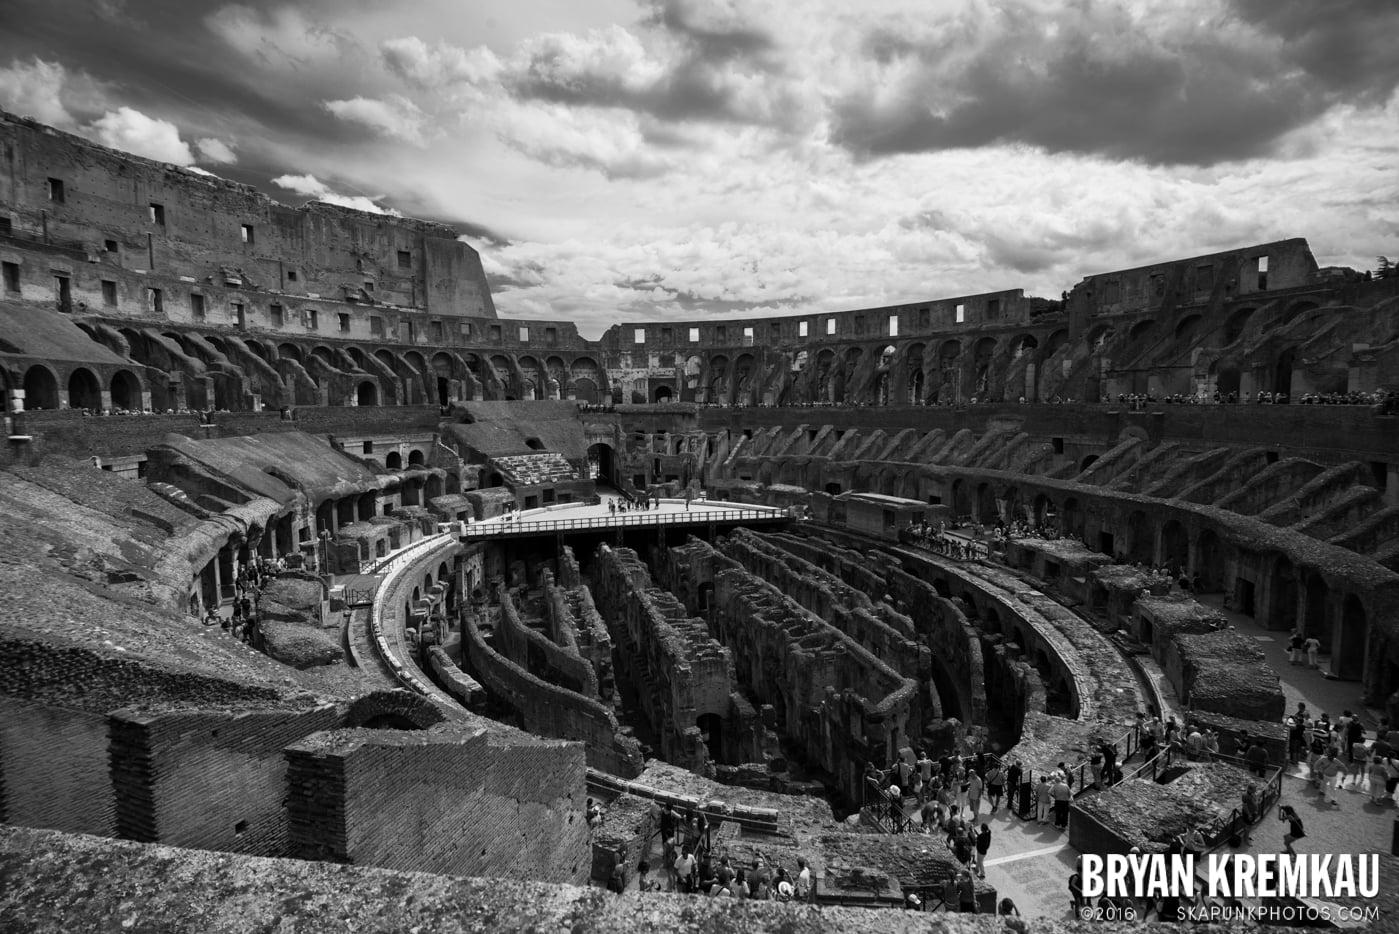 Italy Vacation - Day 2: Rome - 9.10.13 (55)